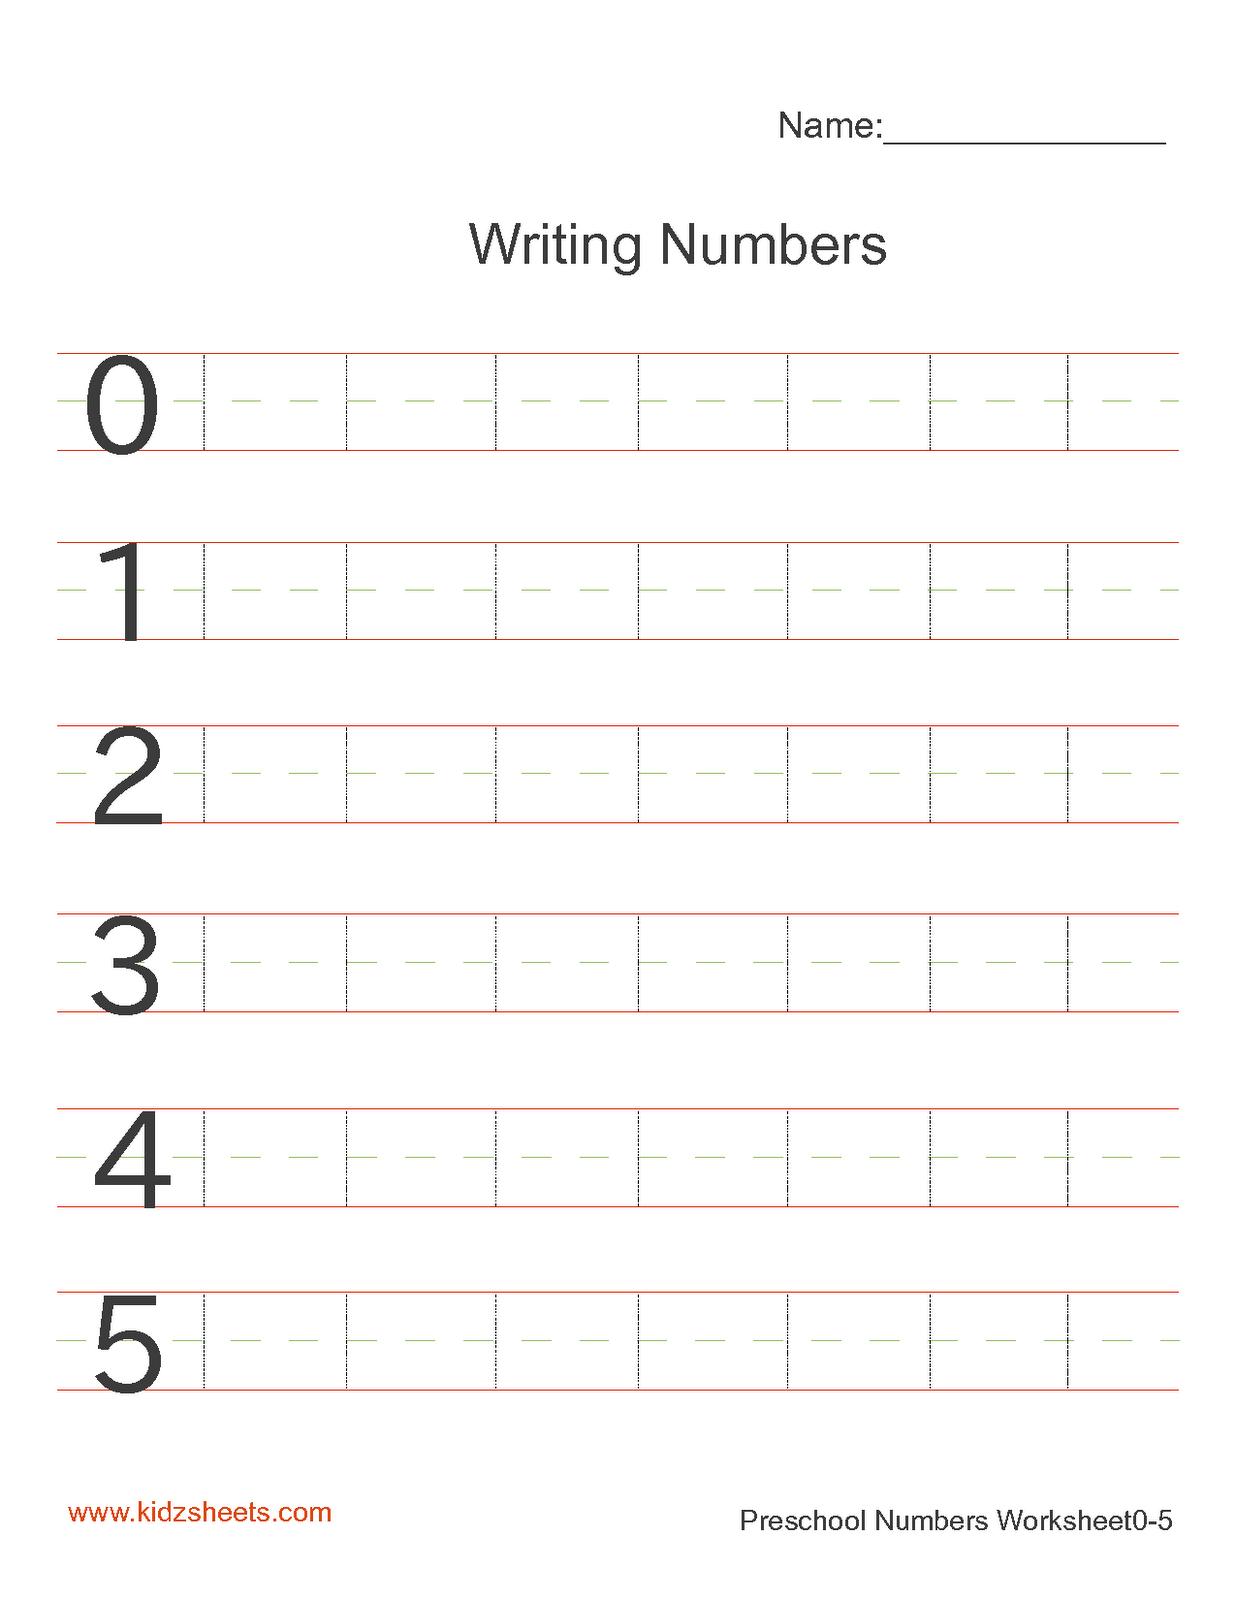 Handwriting Numbers Worksheet